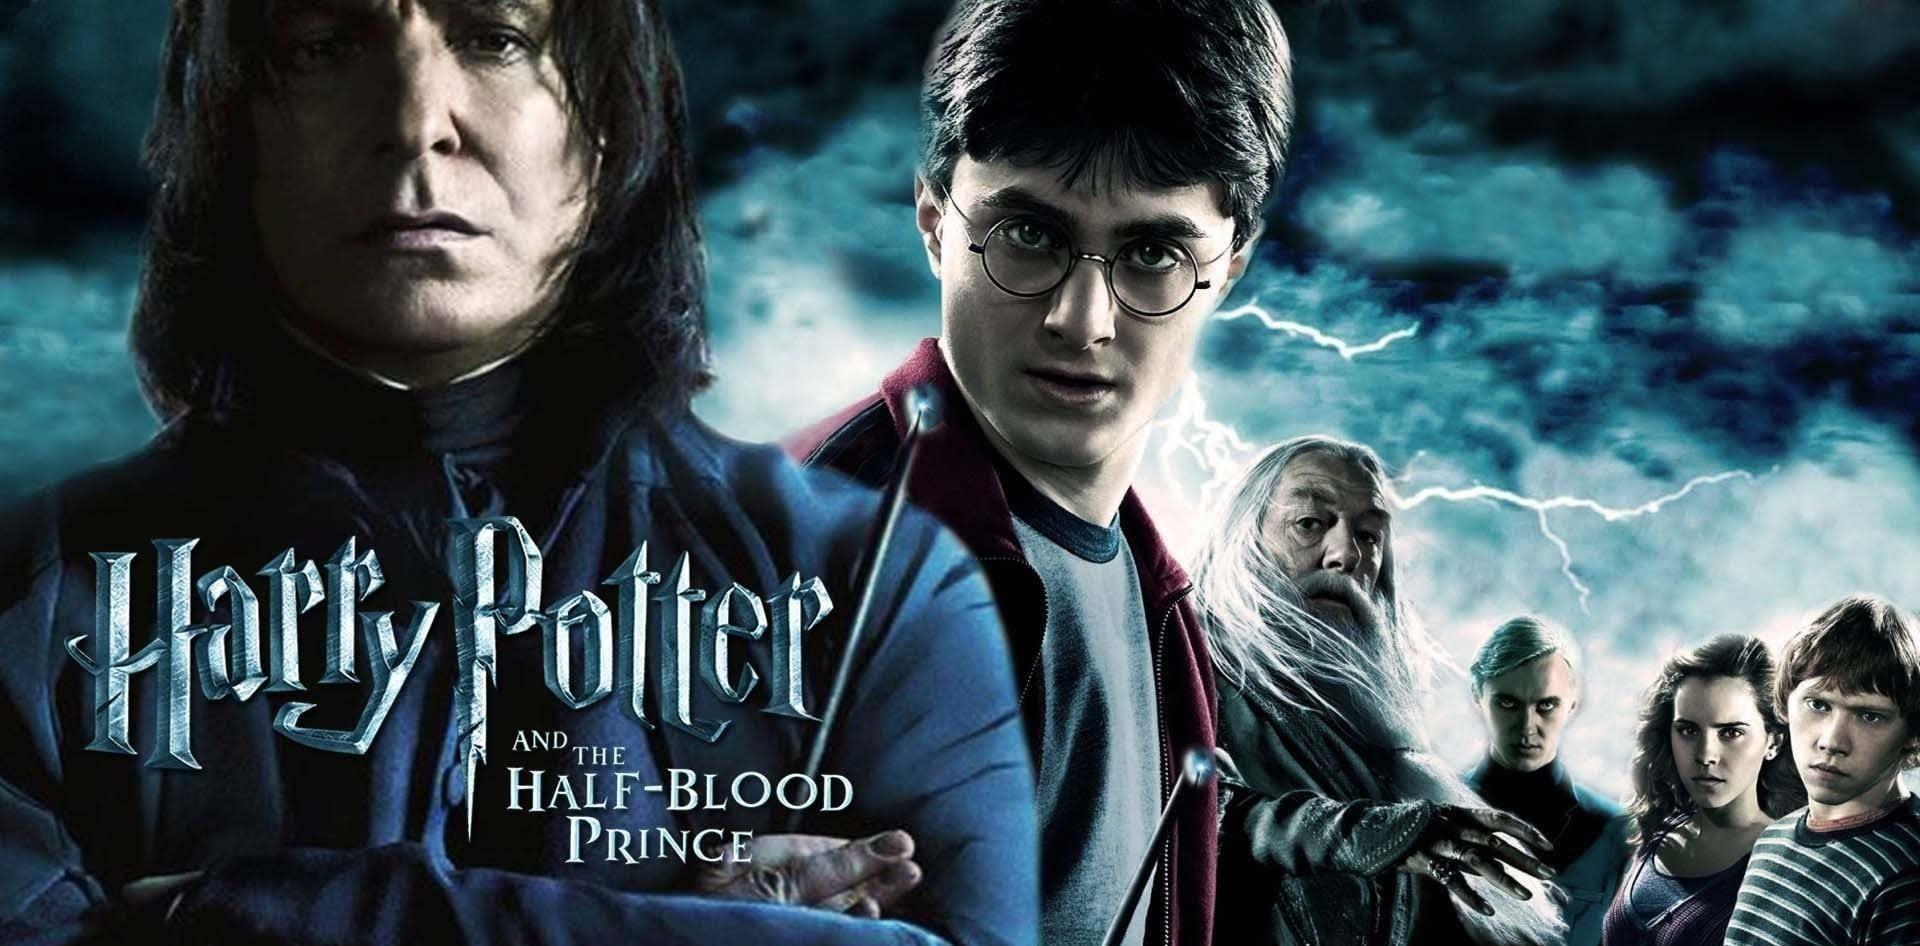 8部《哈利·波特》电影,为什么《混血王子》的口碑相对最低?